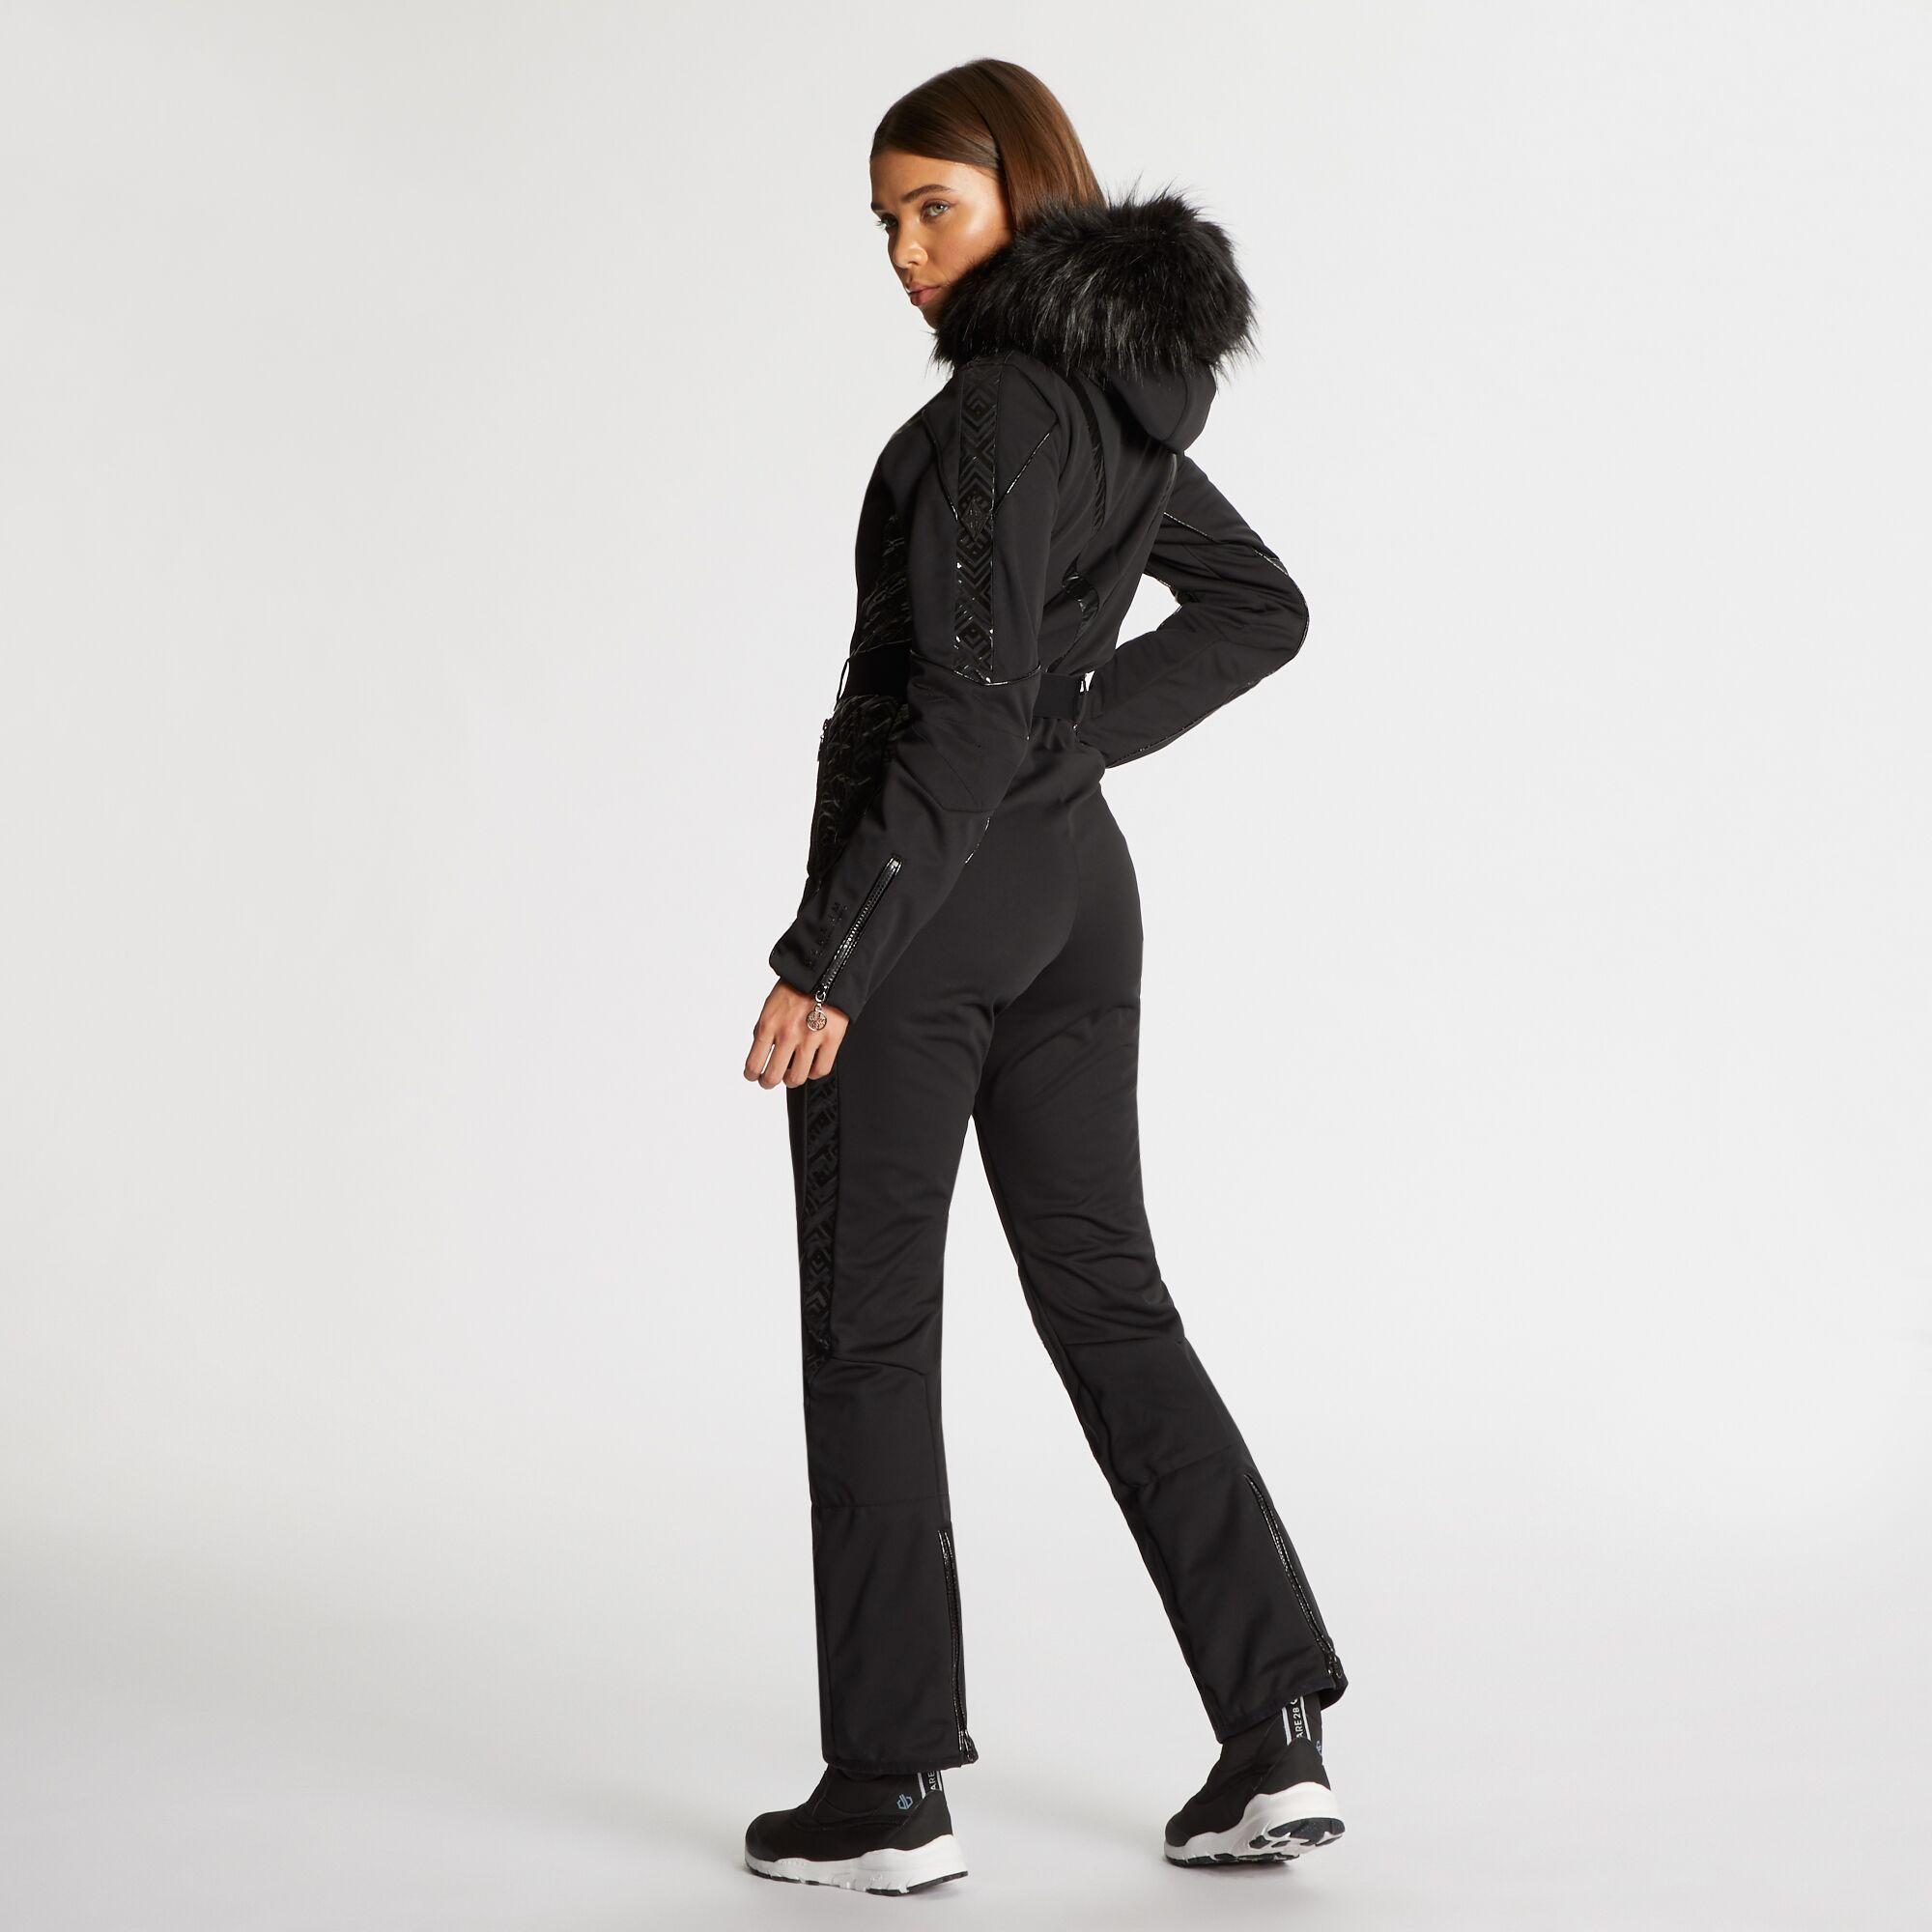 slimming jachete de schi